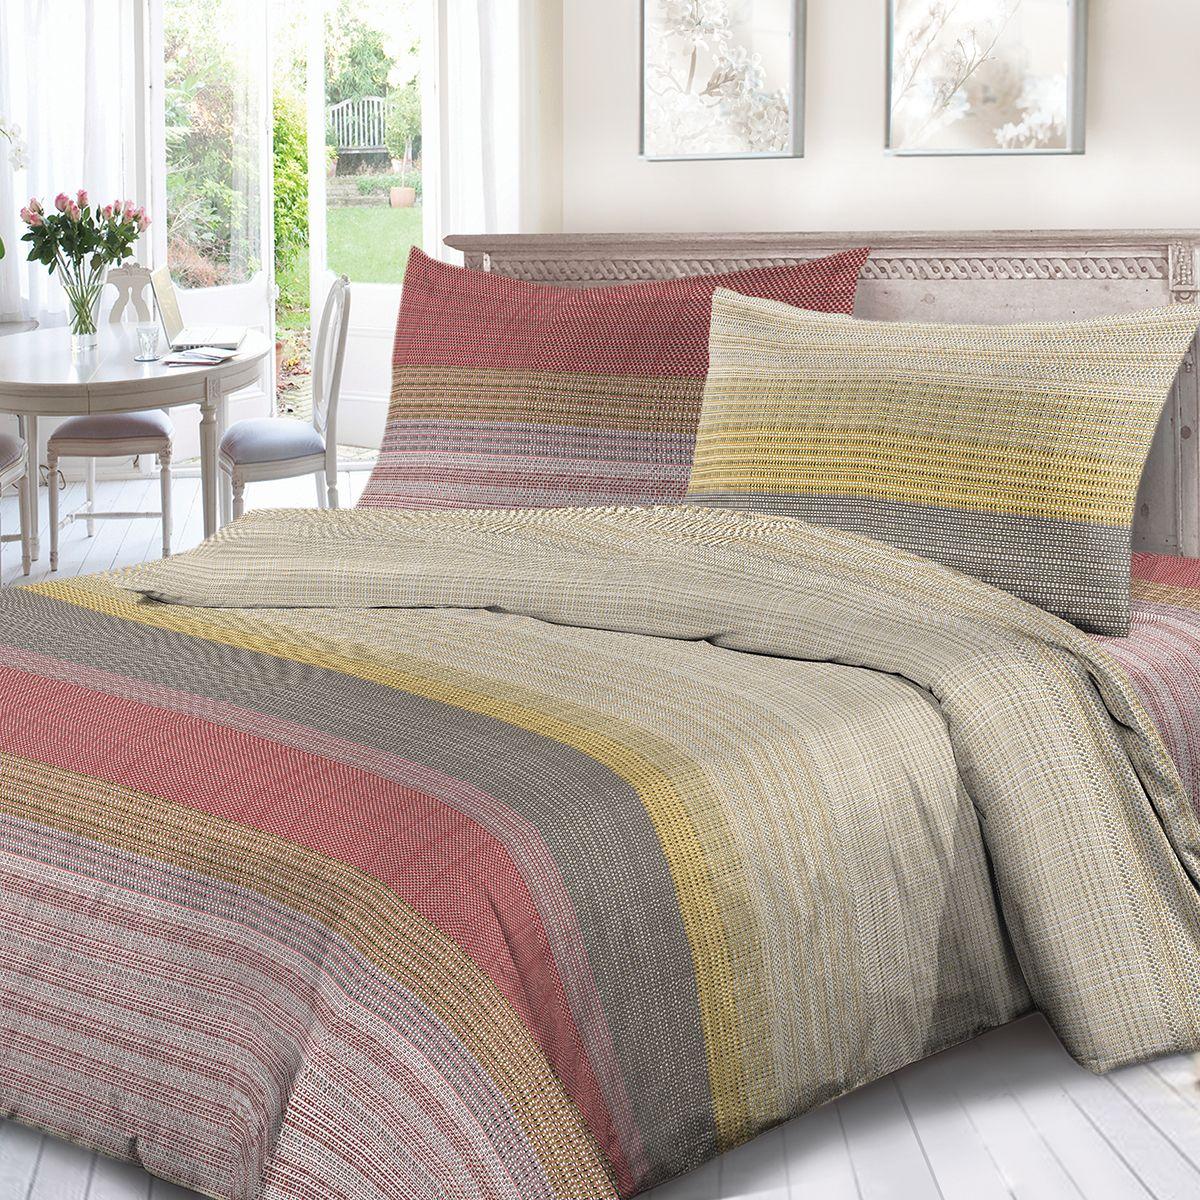 Комплект белья Сорренто Армандо, 1,5 спальное, наволочки 70x70, цвет: разноцветный. 4123-190425